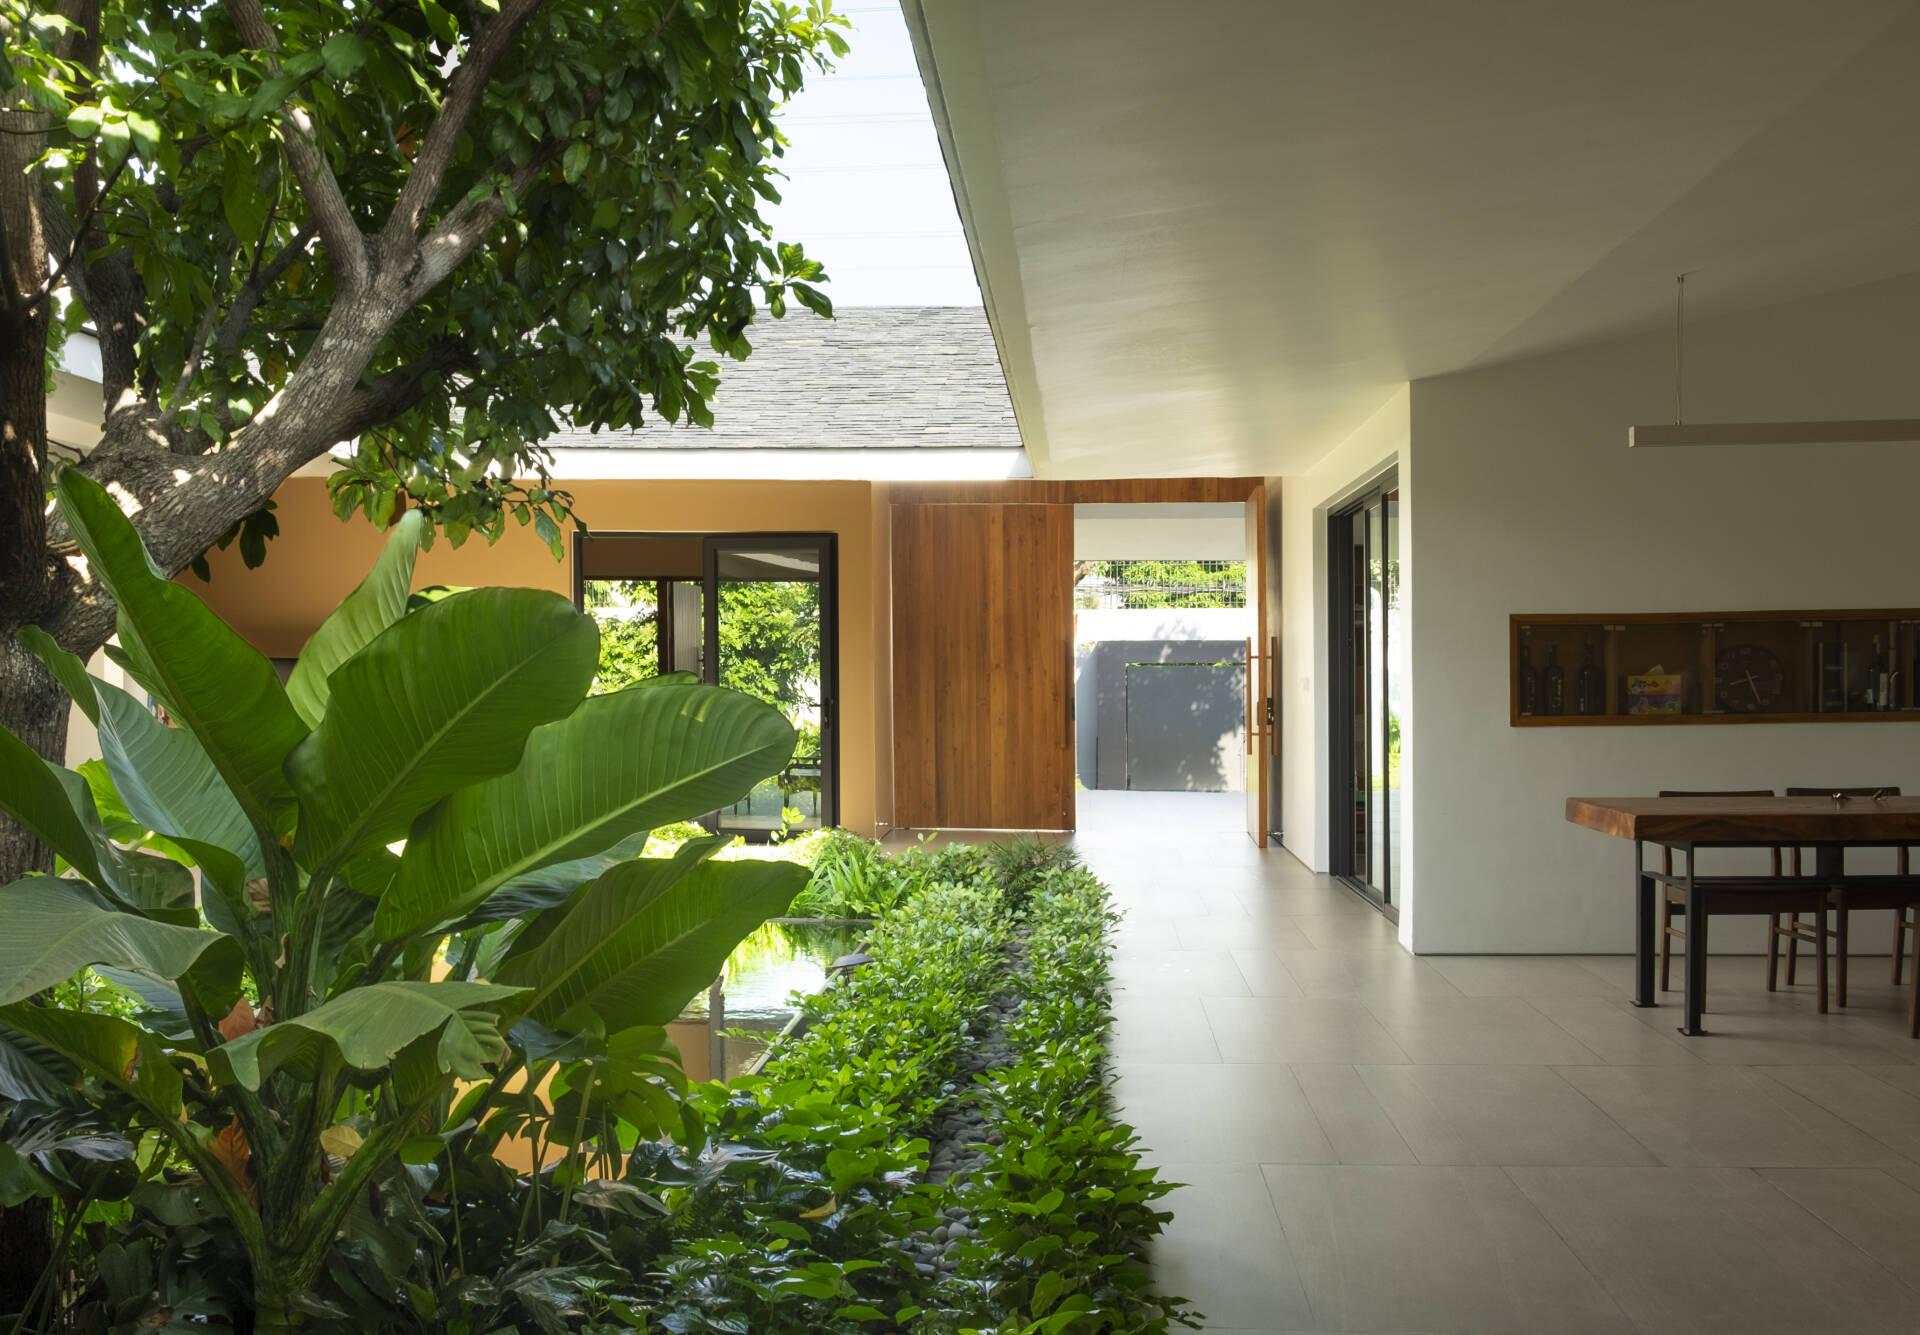 Hành lang của nhà rộng rãi và thoáng đãng, tràn ngập ánh nắng tự nhiên.